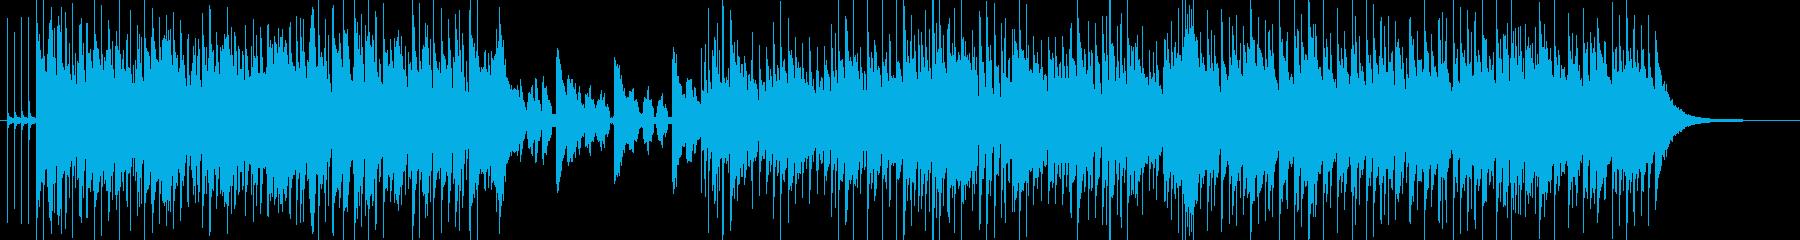 終わりと始まりを感じさせるポップインストの再生済みの波形